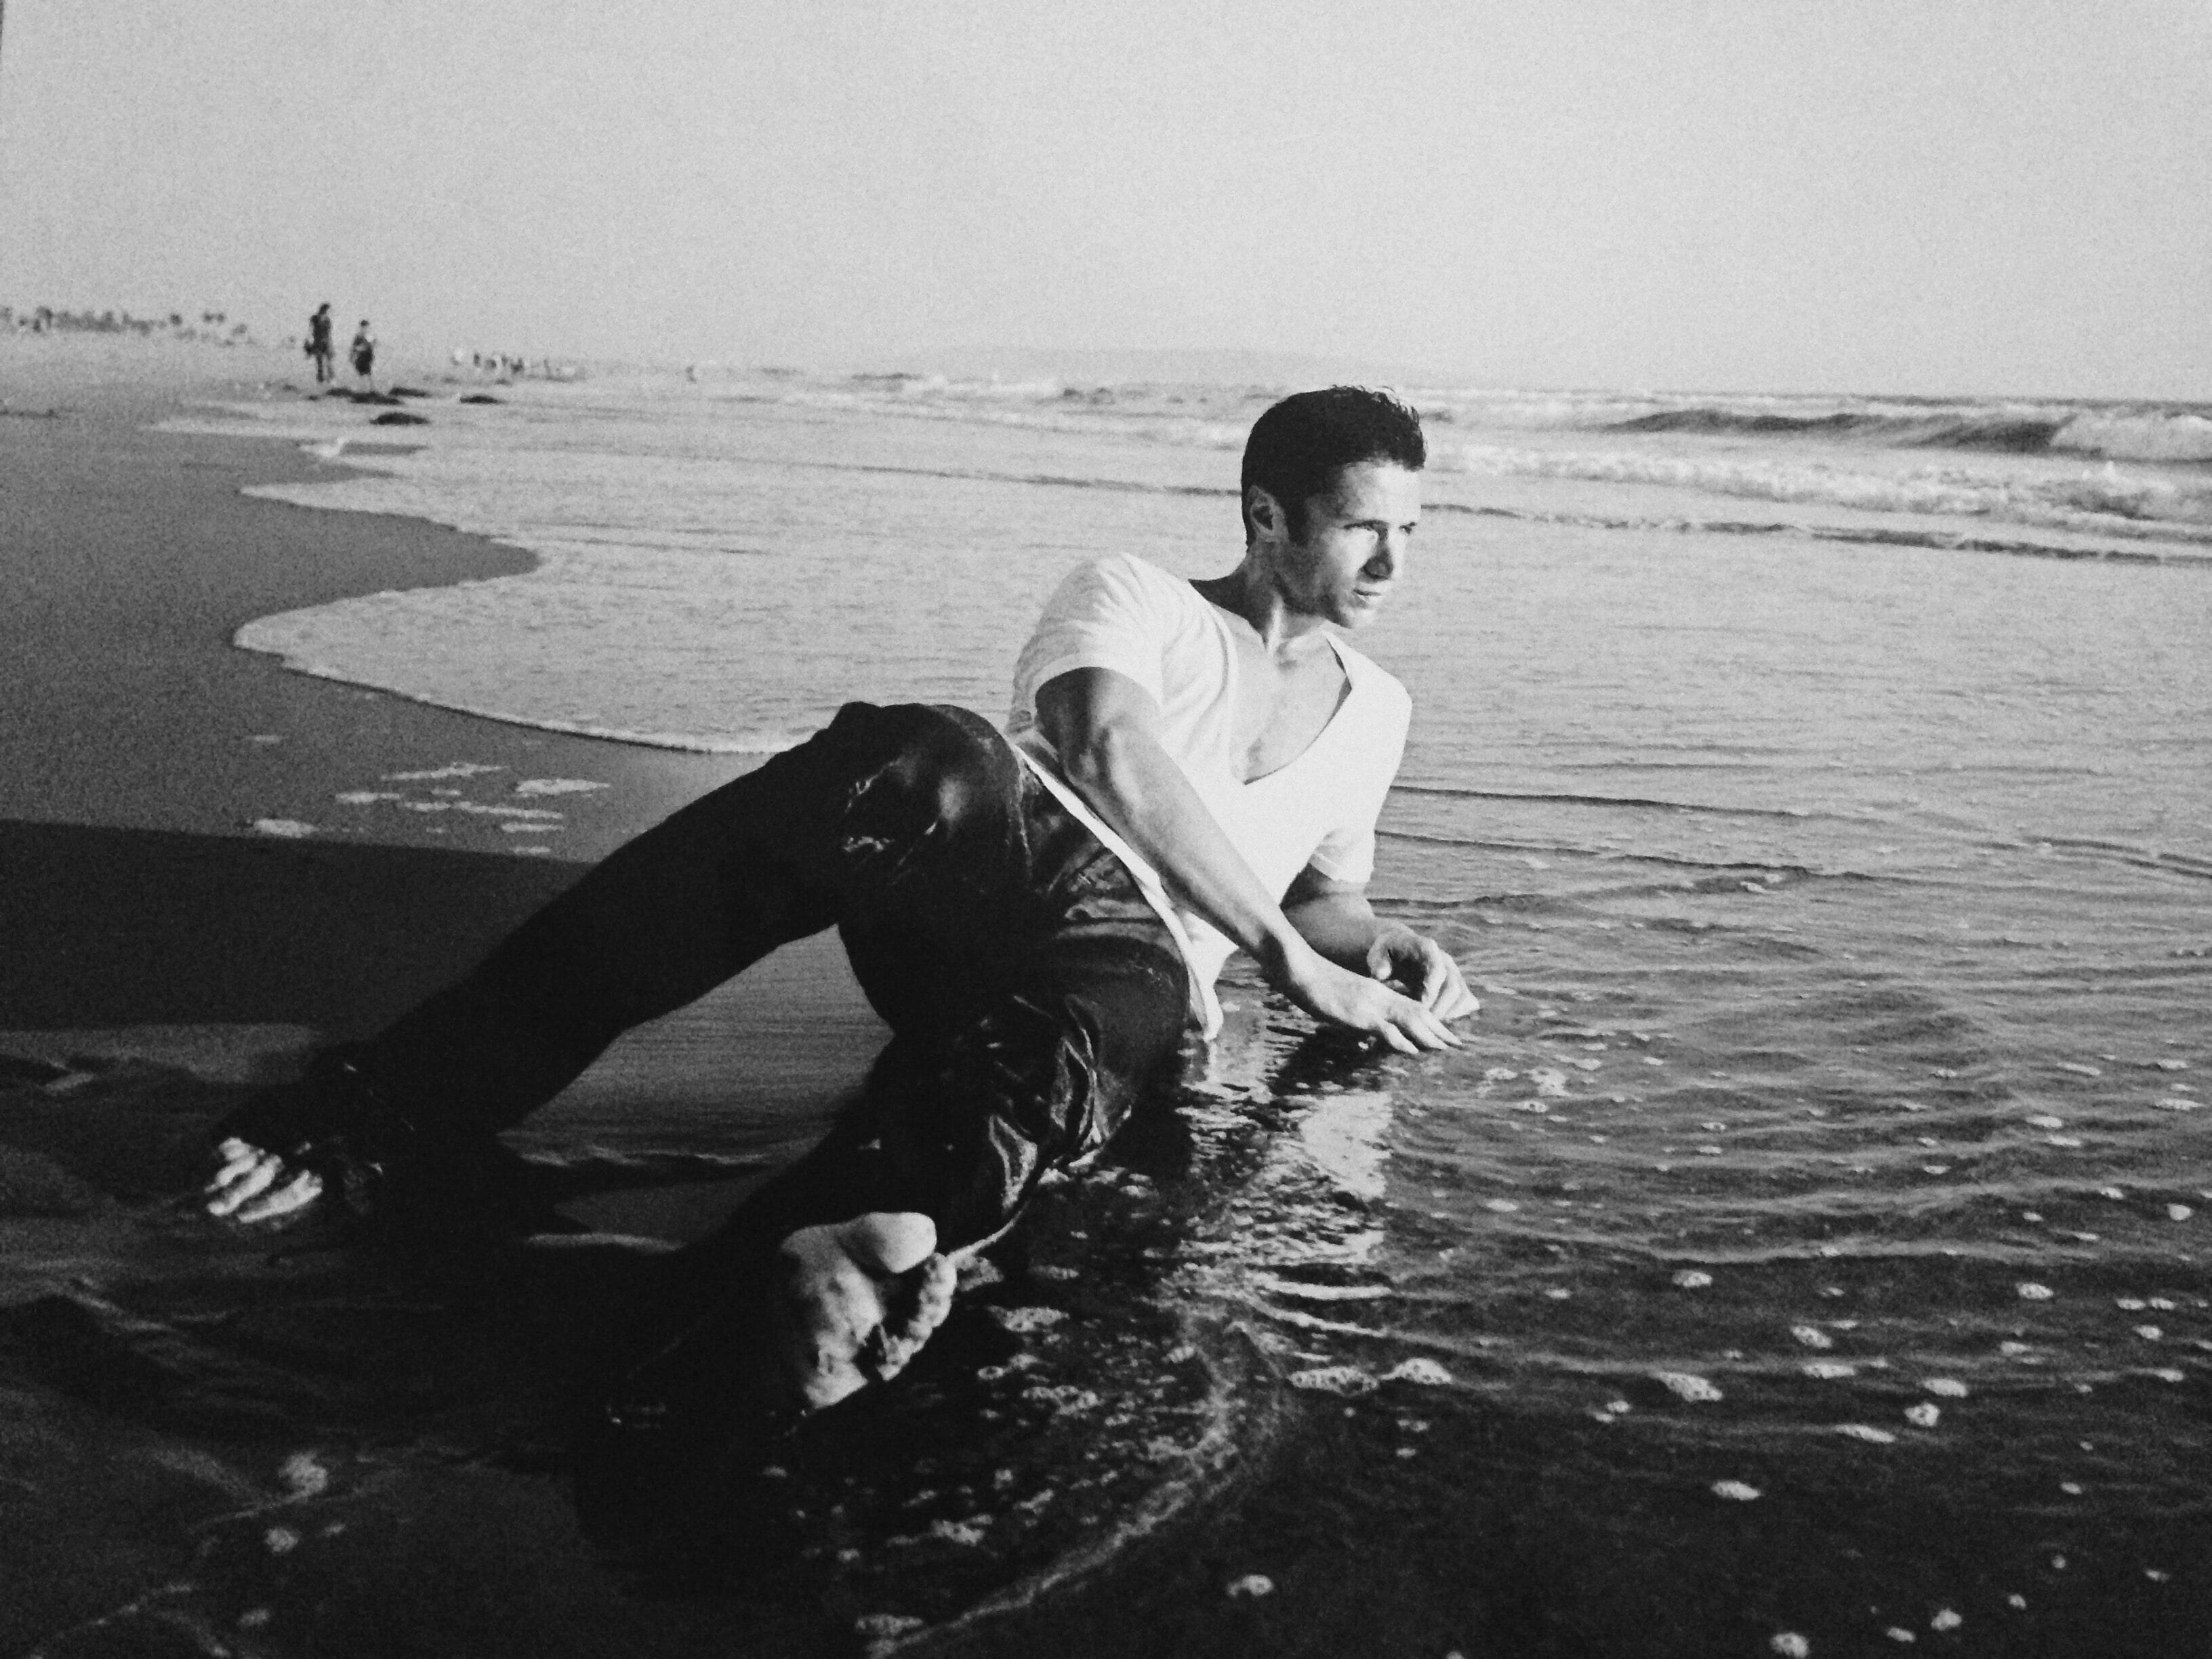 Shoot on venice beach